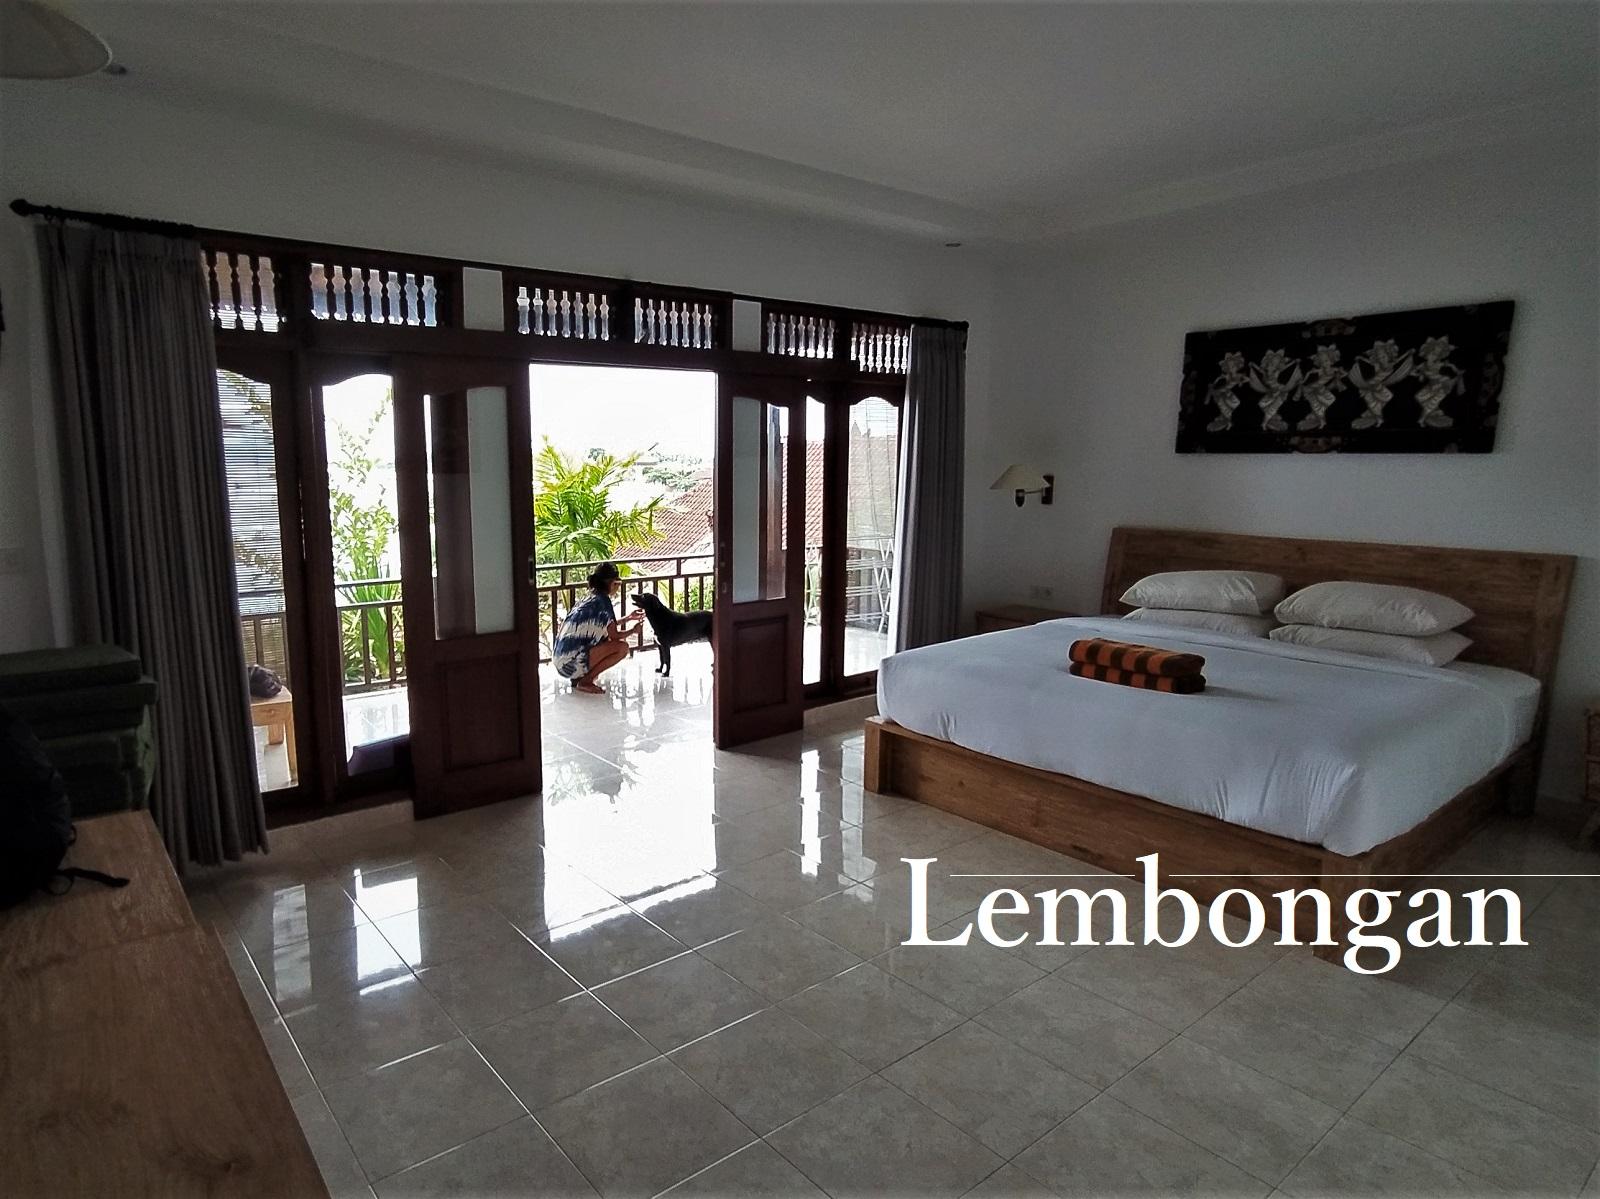 レンボンガン島ホテルの写真